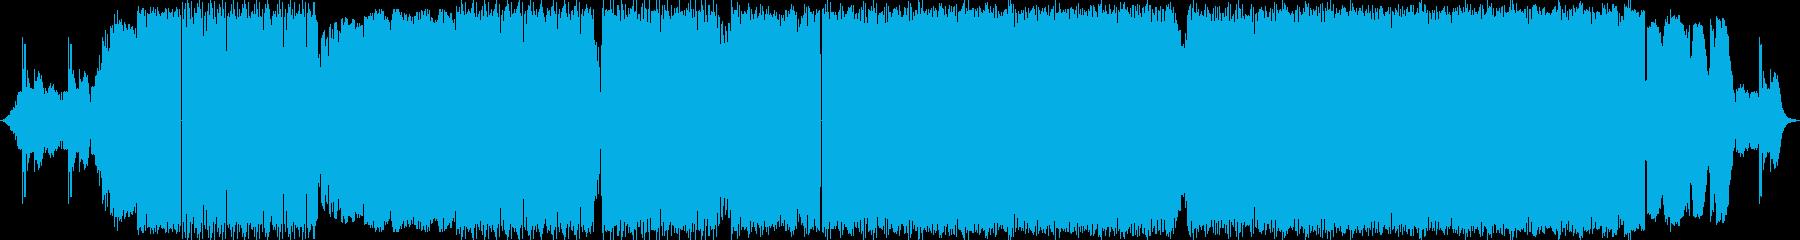 2:53〜のボーカルが特徴的な曲の再生済みの波形